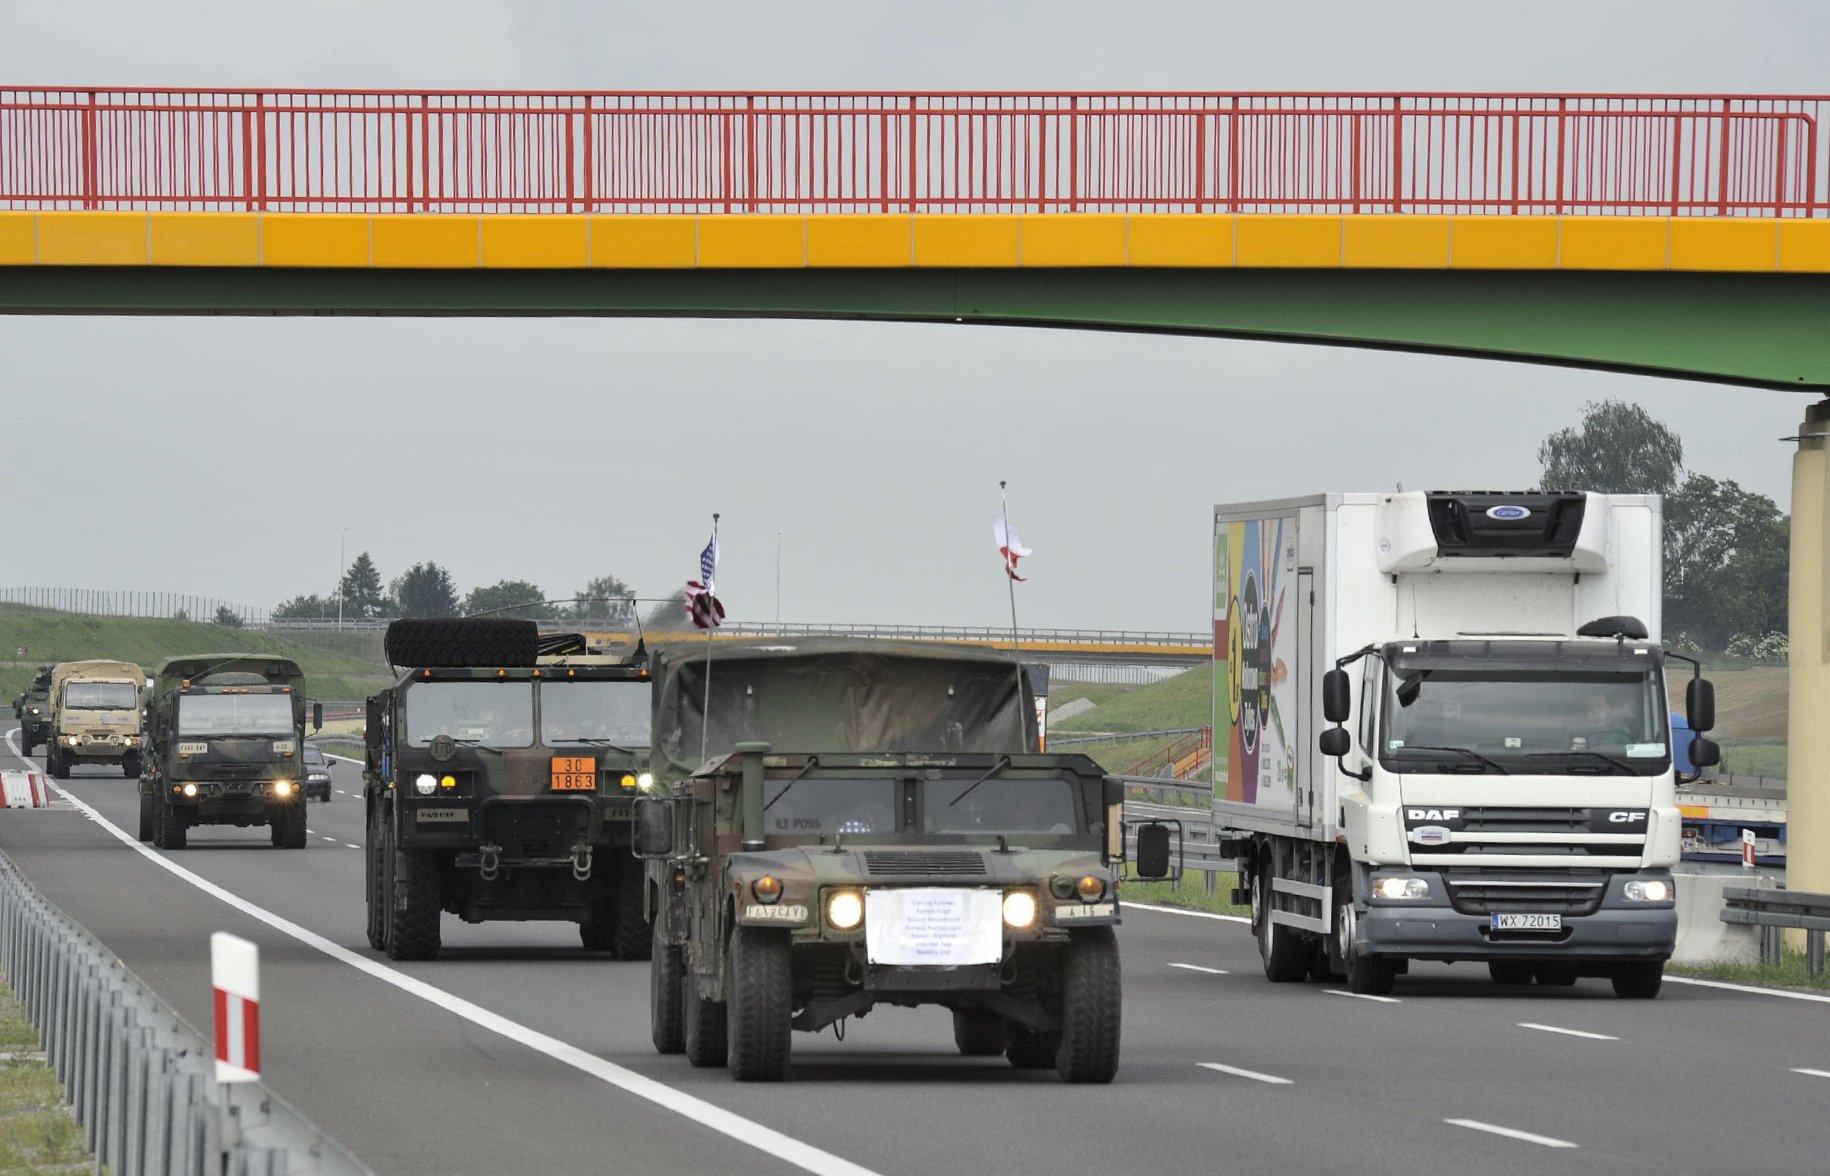 gddkia armia wojsko konwój defender - GDDKiA